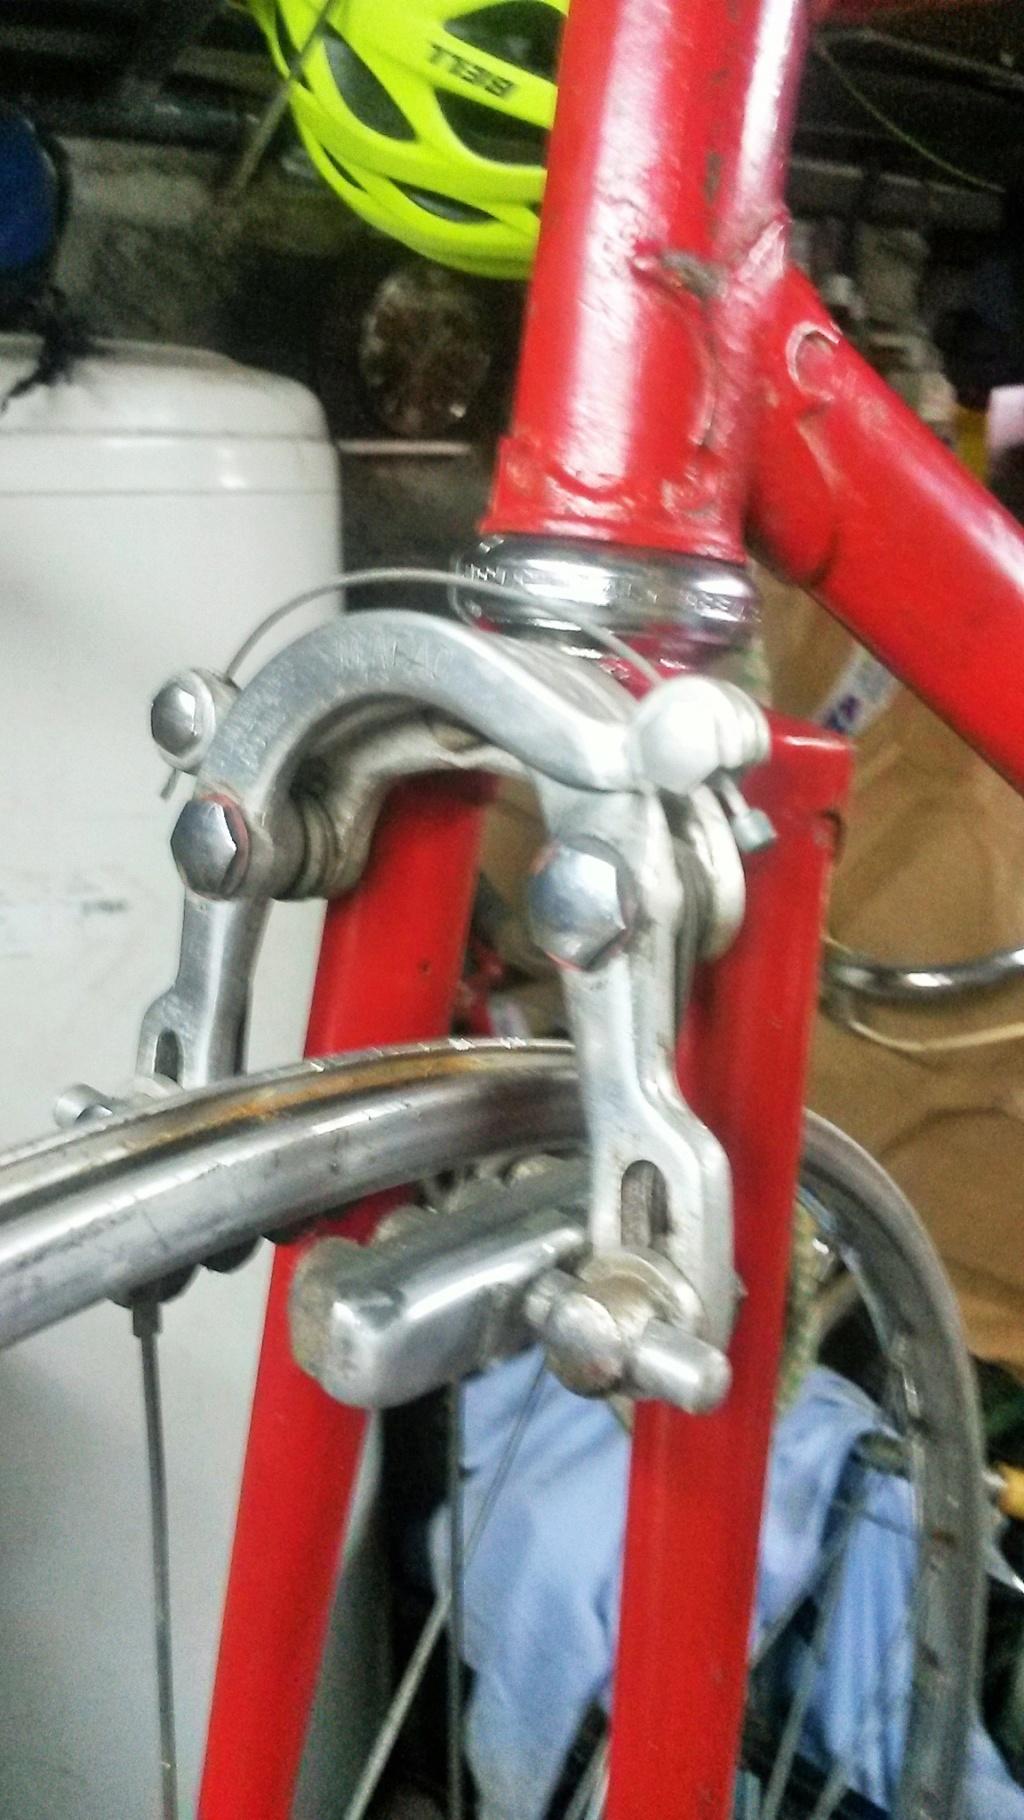 vélo de course a raccord NERVEX 1970 -75 00435